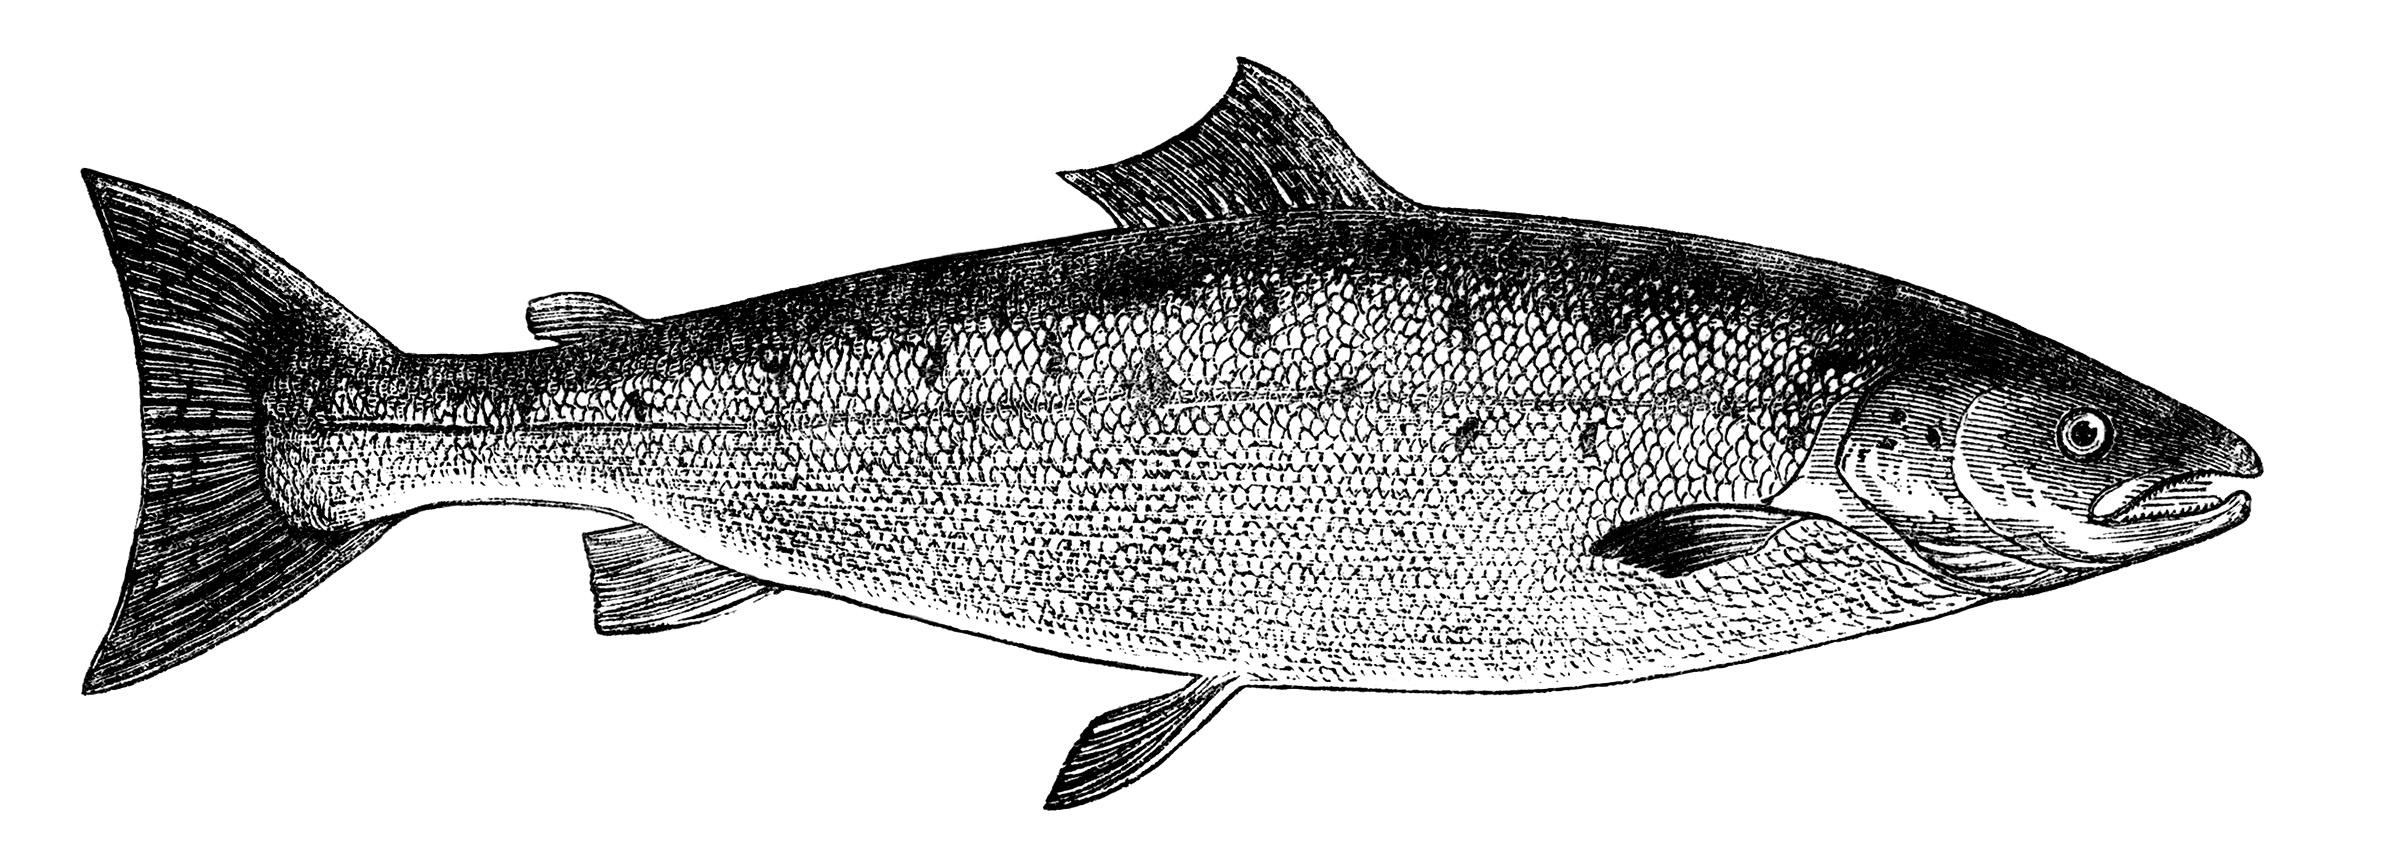 черно-белый рисунок с изображением рыбы